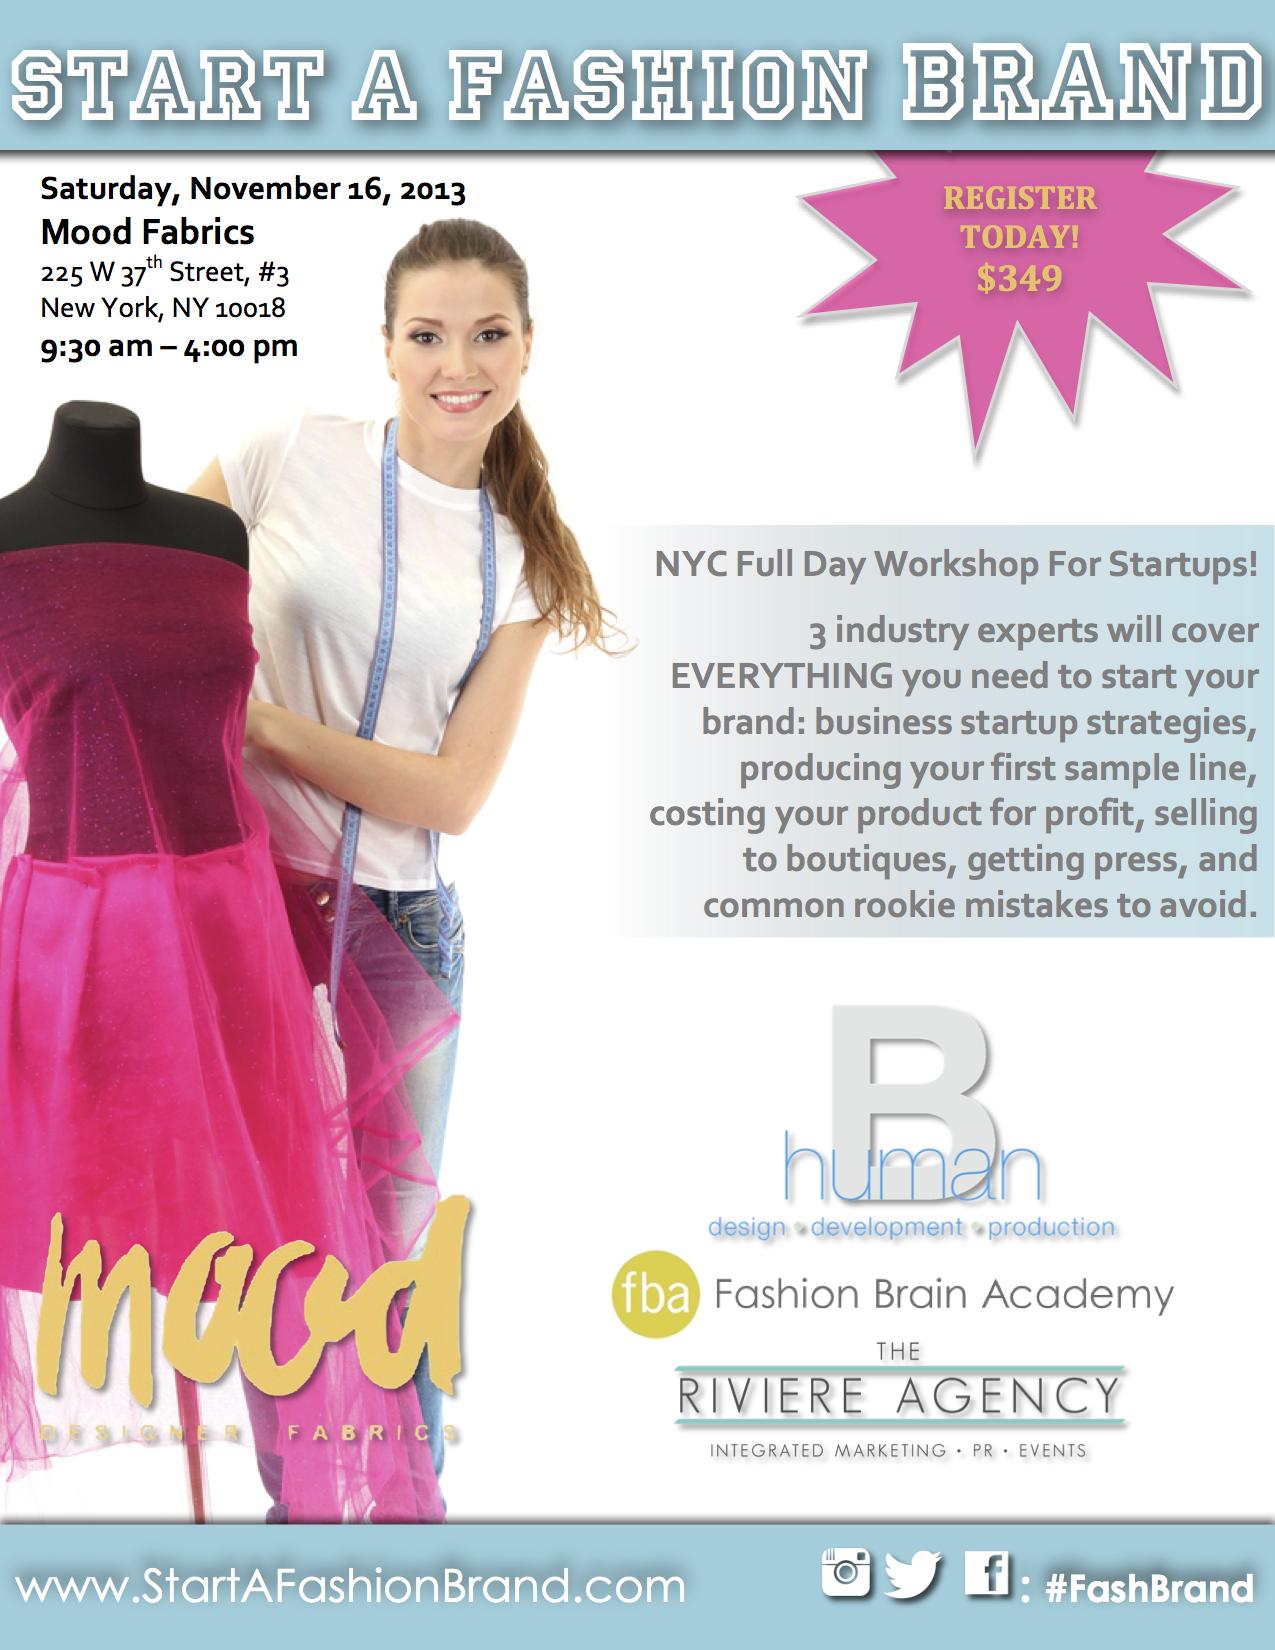 Mood Fabrics Is Hosting A Great Workshop Start A Fashion Brand Fashion Brain Academy